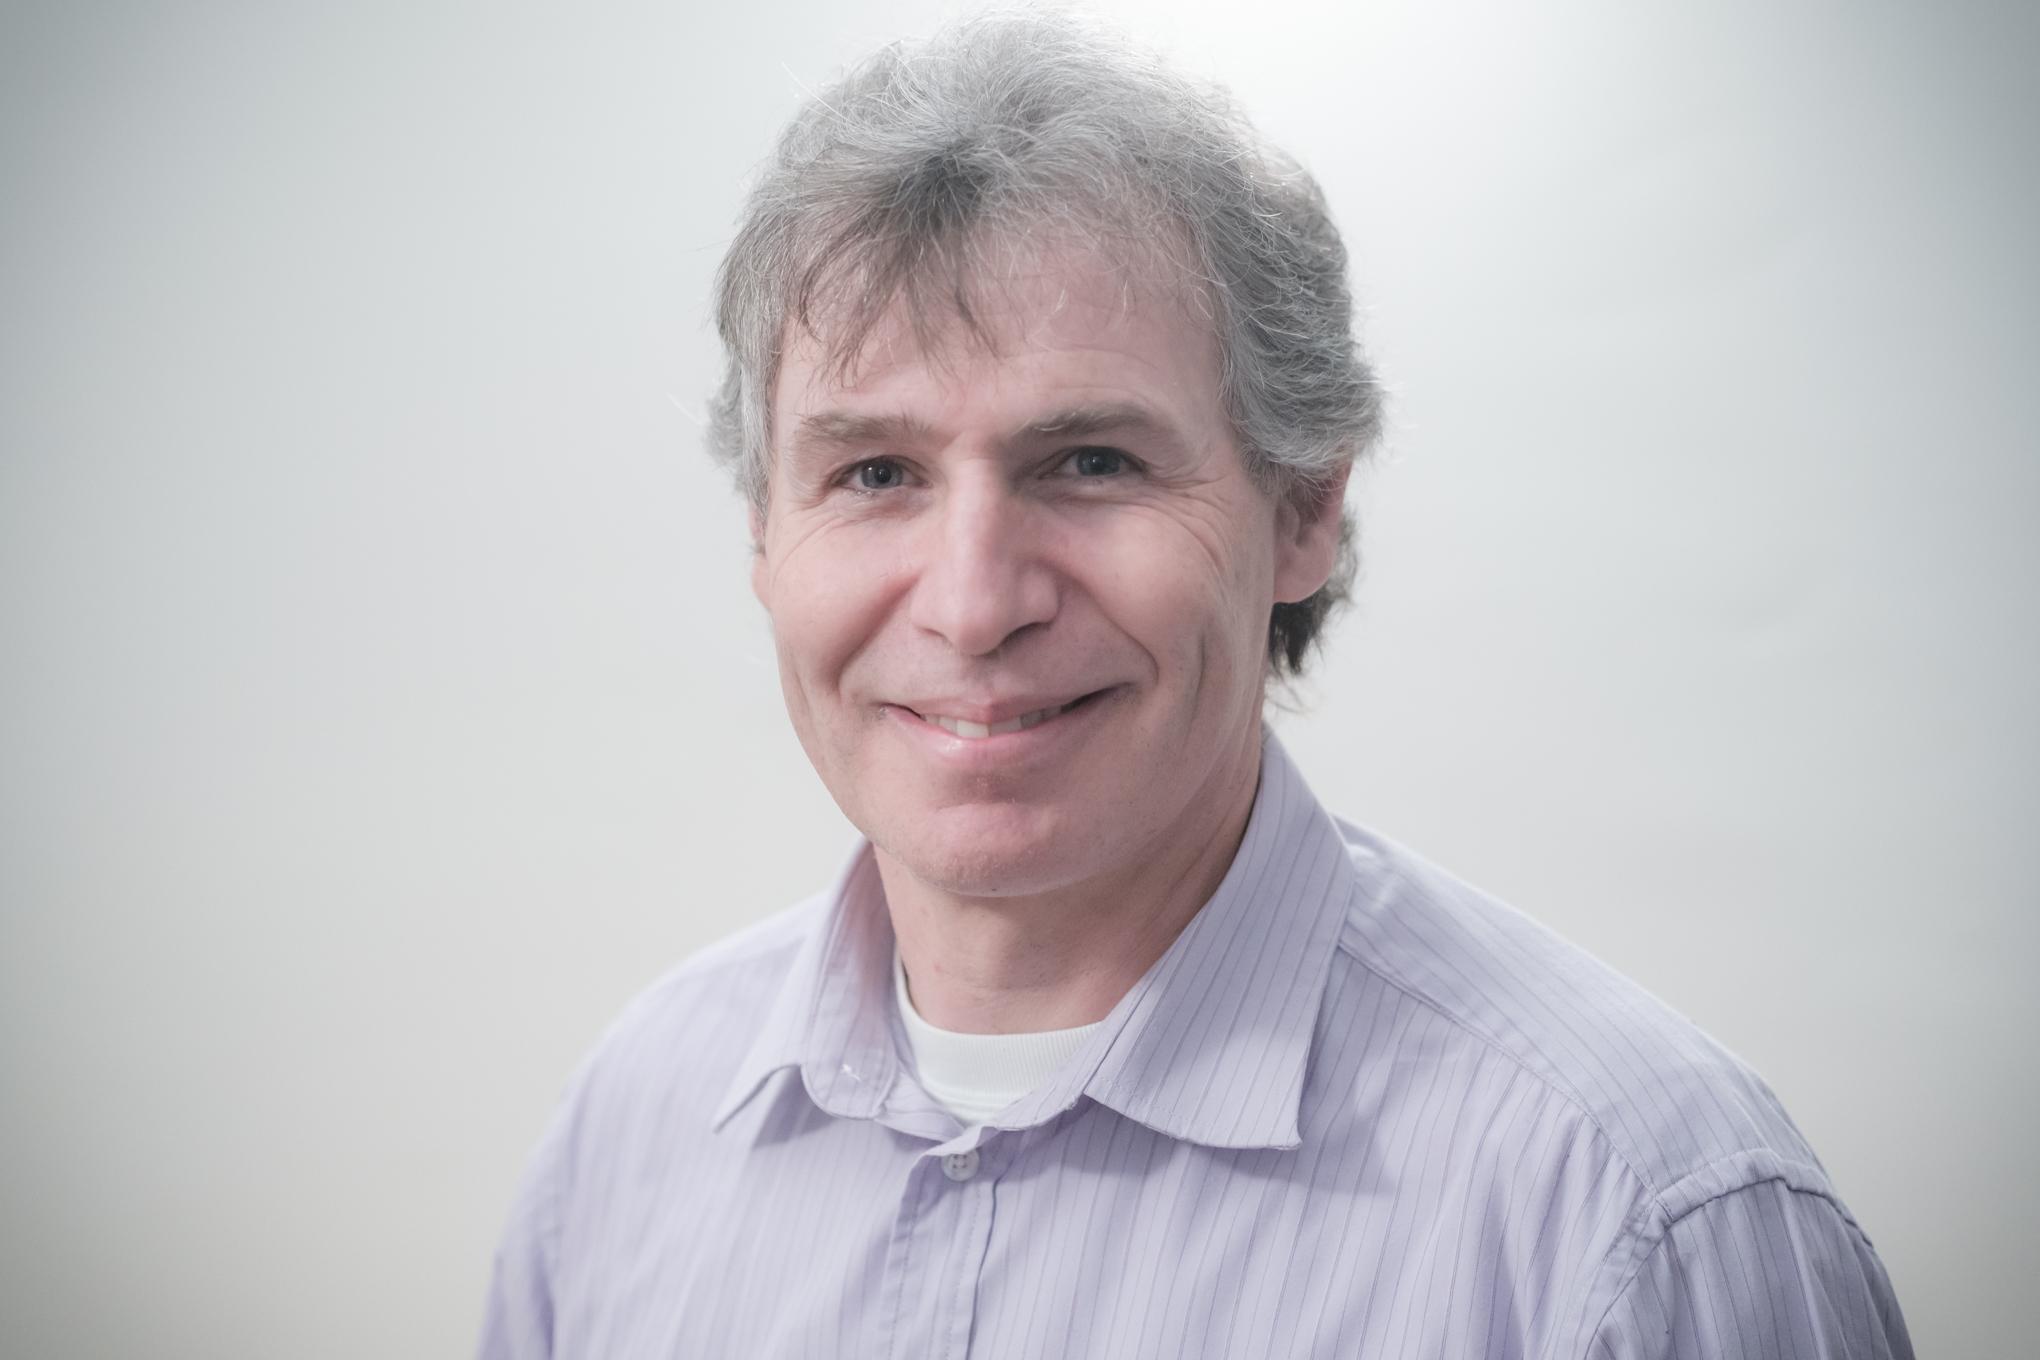 Michel Brunisholz   Collaborateur   m.brunisholz@educationfamiliale.ch  Éducateur spécialisé HES, père de trois enfants.